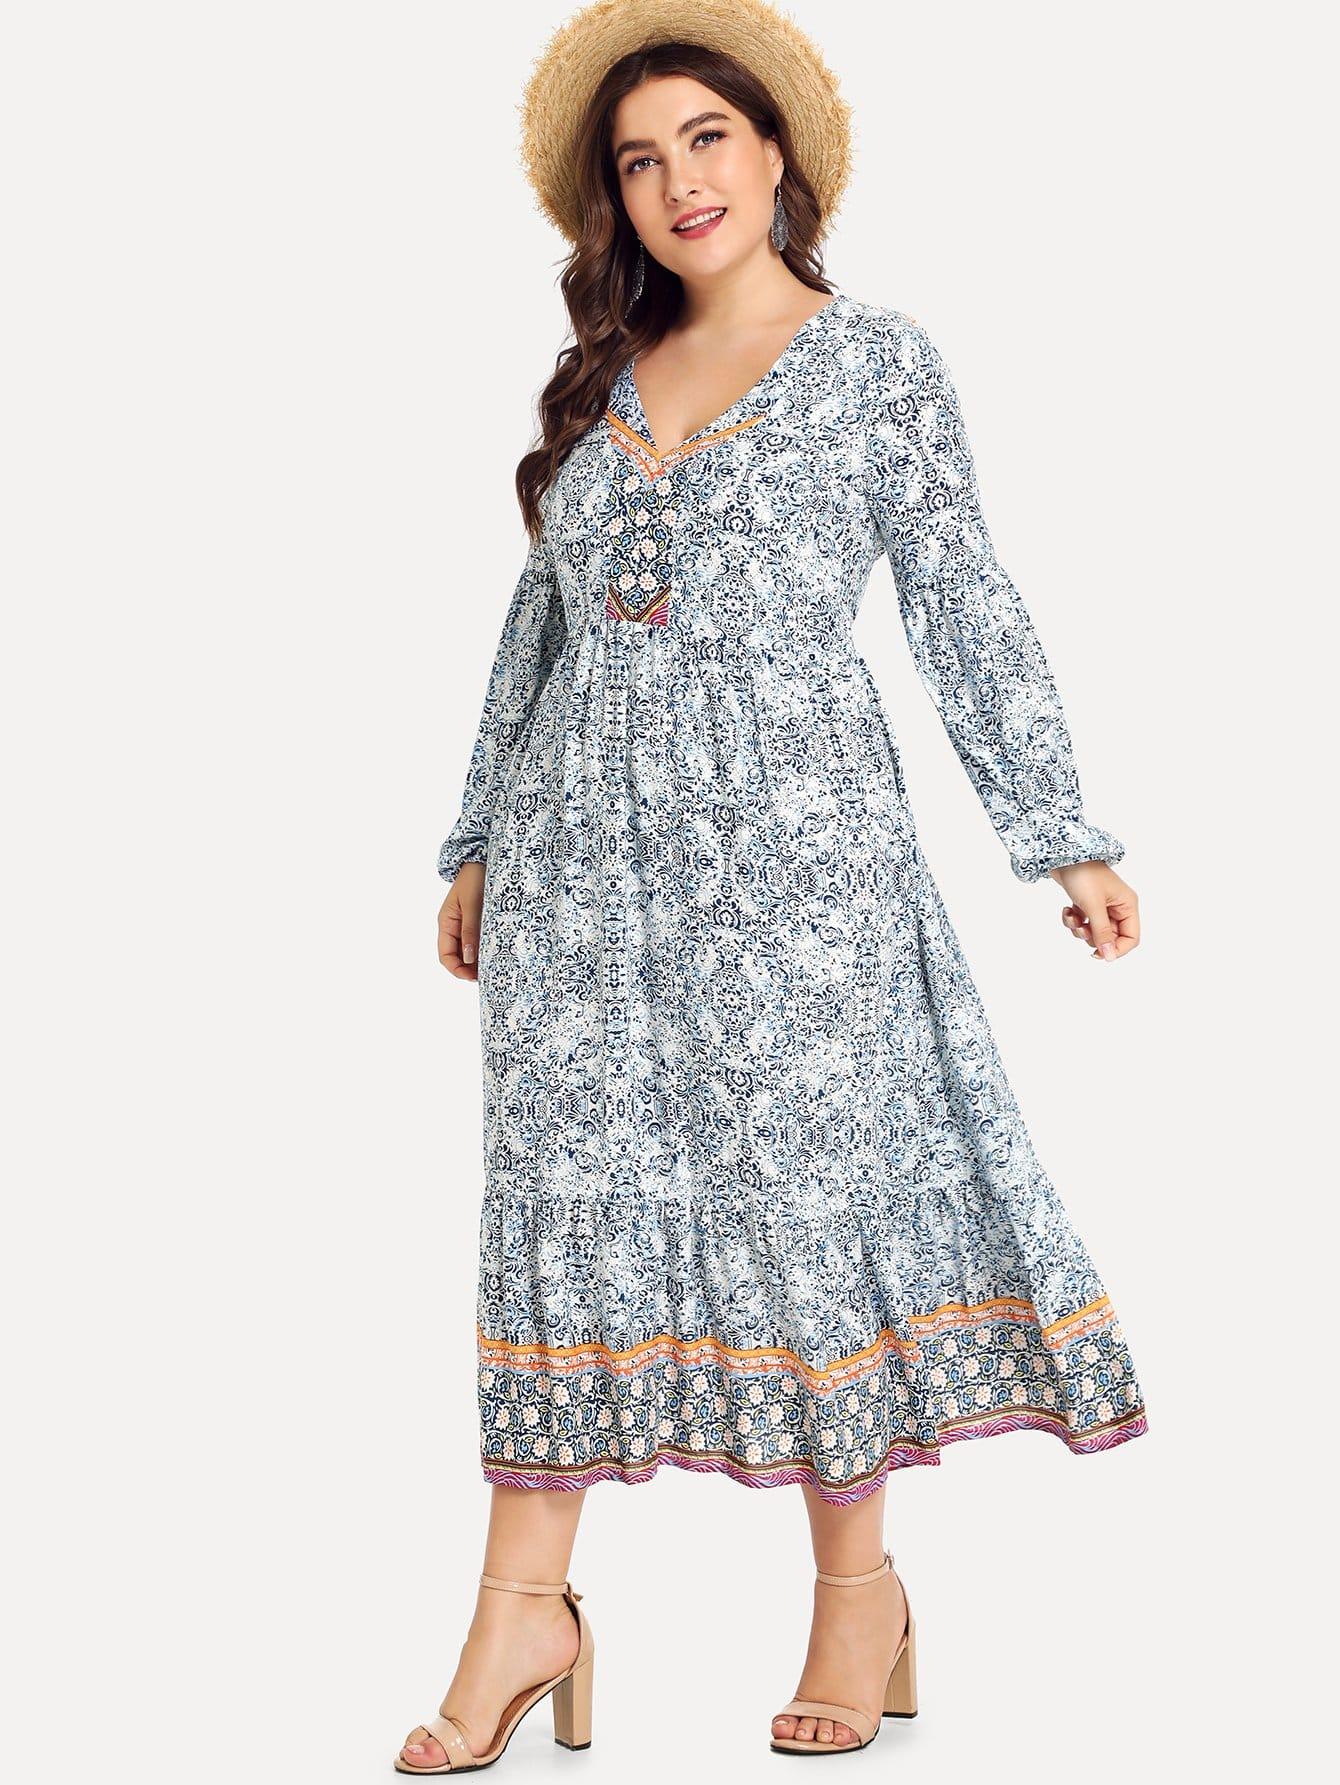 Купить Платье с принтом микс с широкими рукавами, Franziska, SheIn